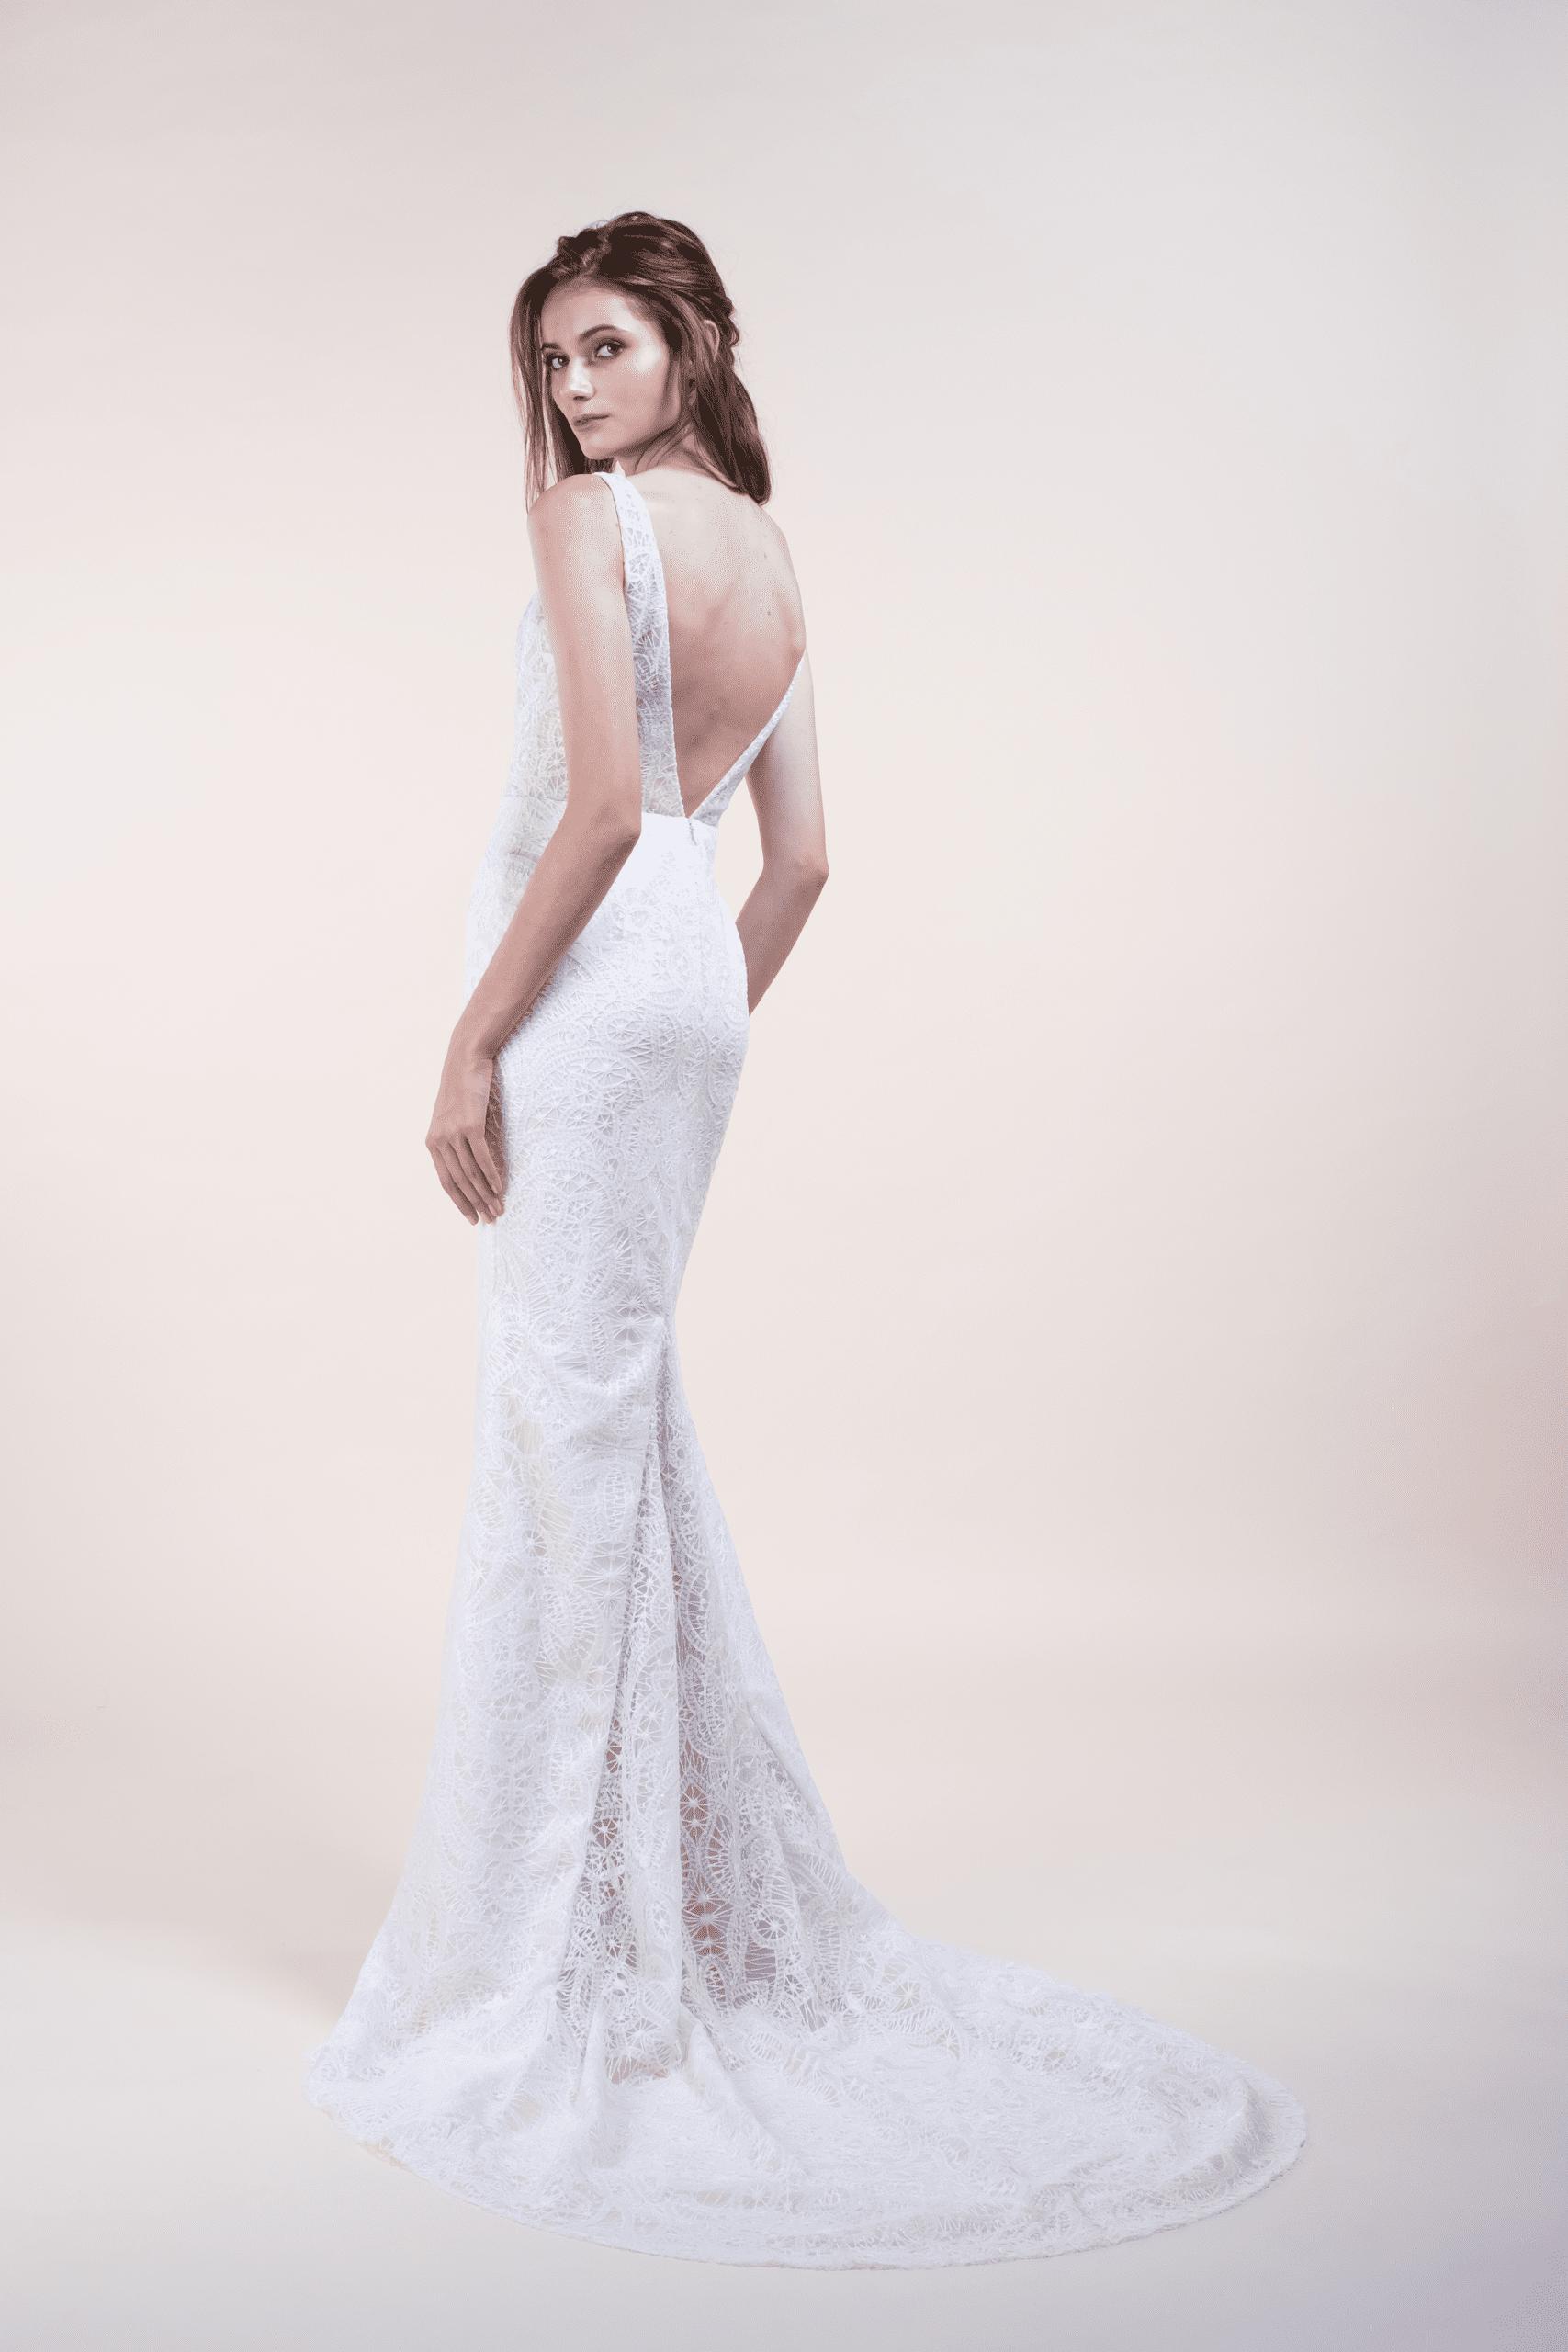 Demi-Singapore-Bridal-Boutique